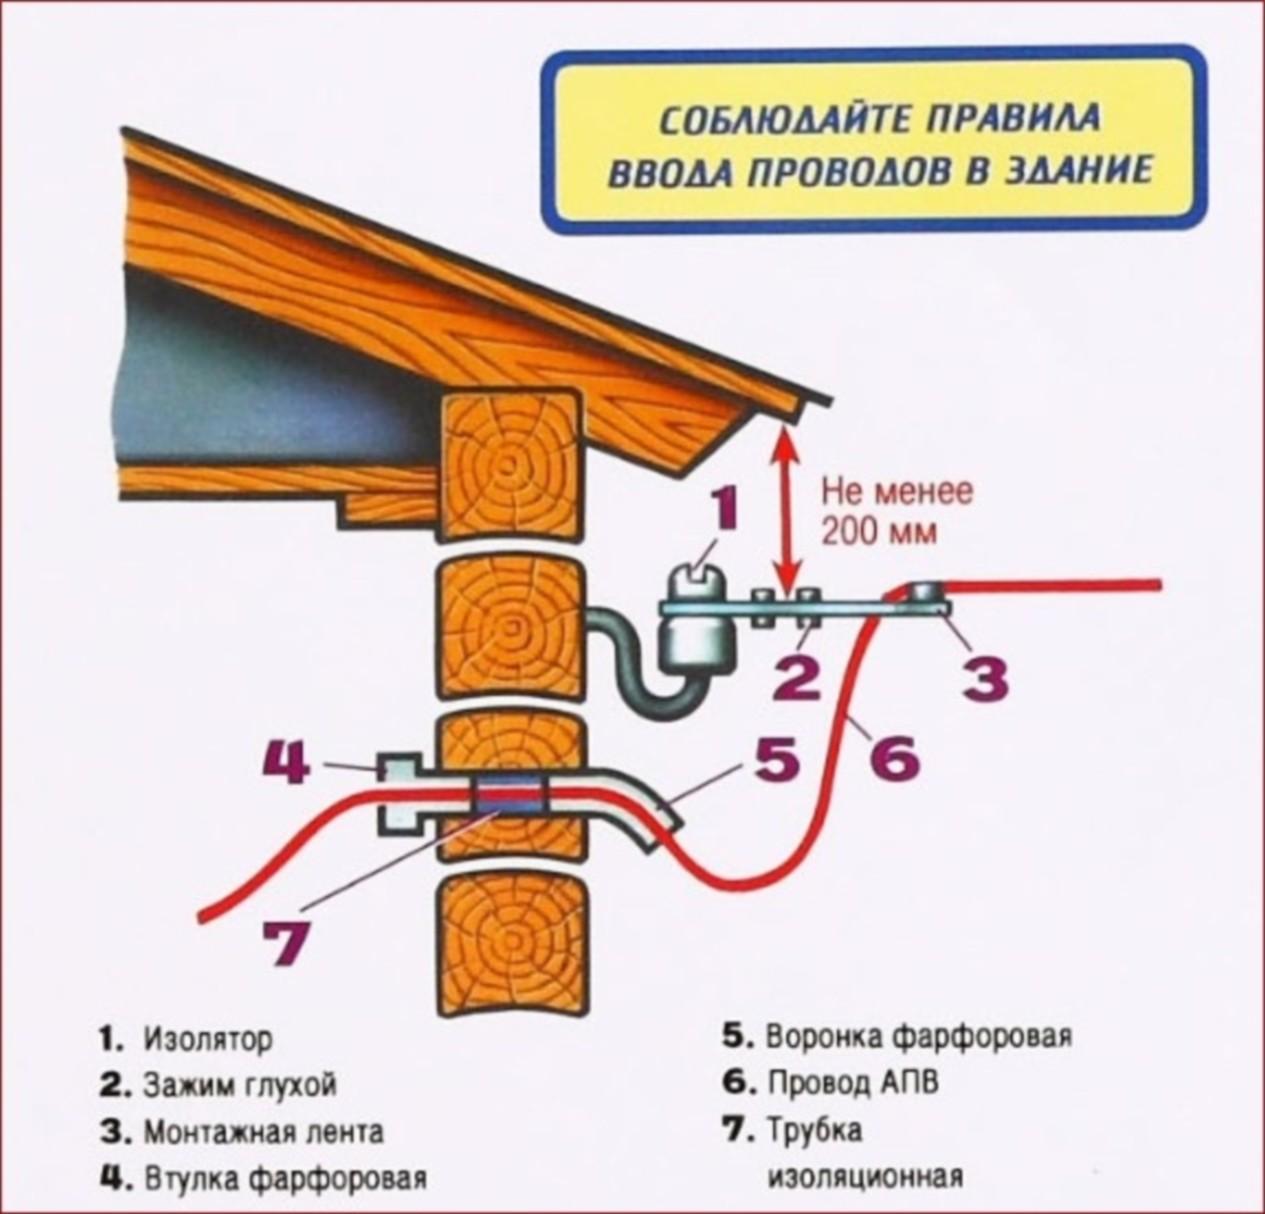 правила ввода проводов в дом